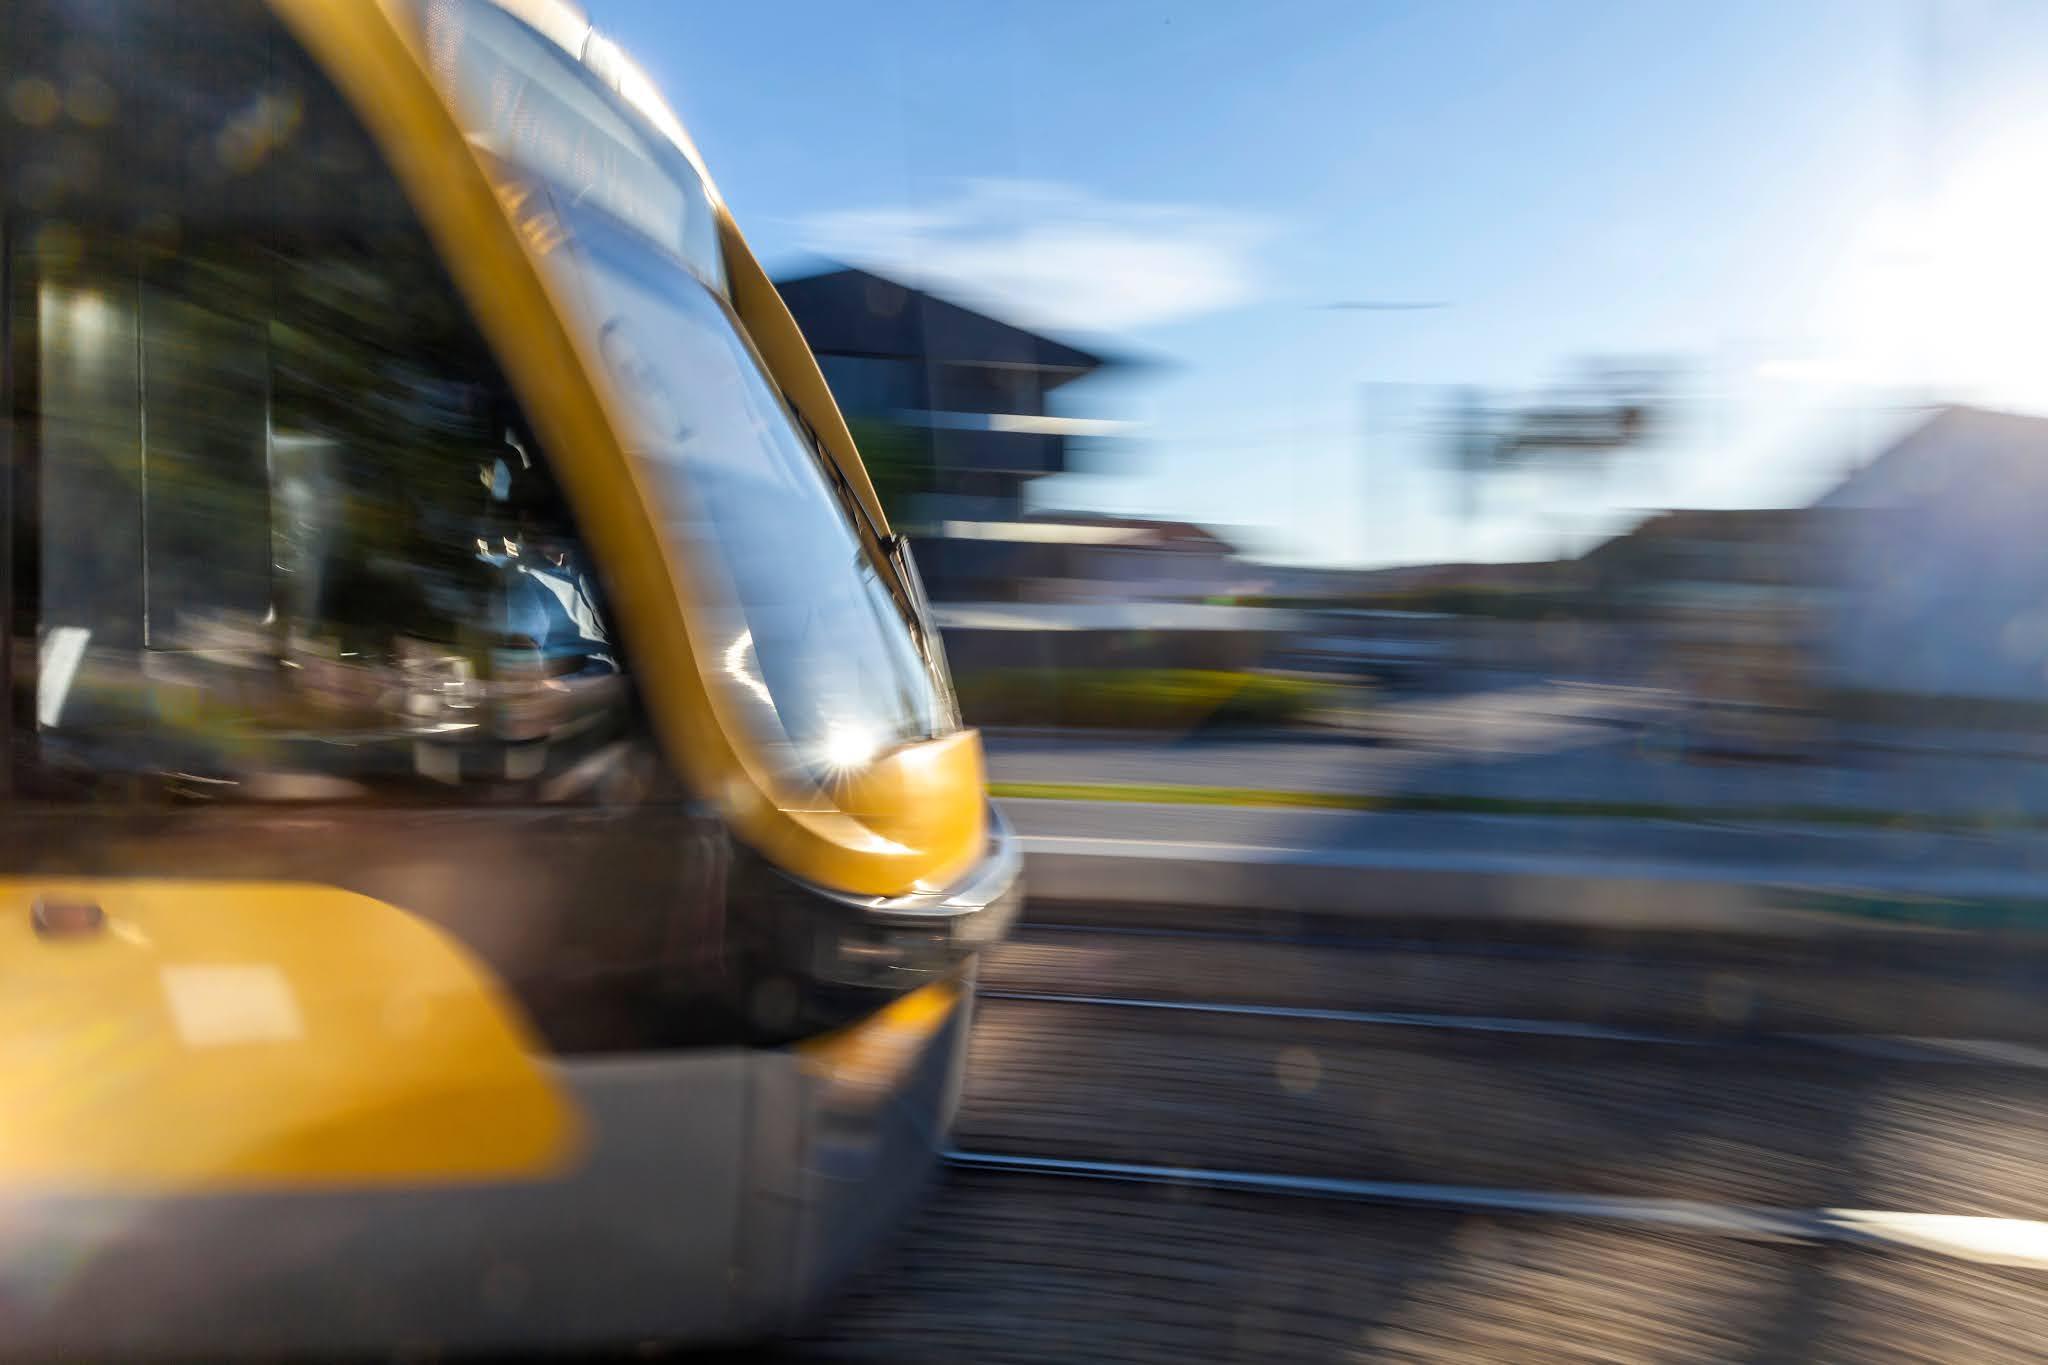 الاتحاد للقطارات trains تنجز أهم أعمال الحفر لأطول نفق للسكك الحديدية